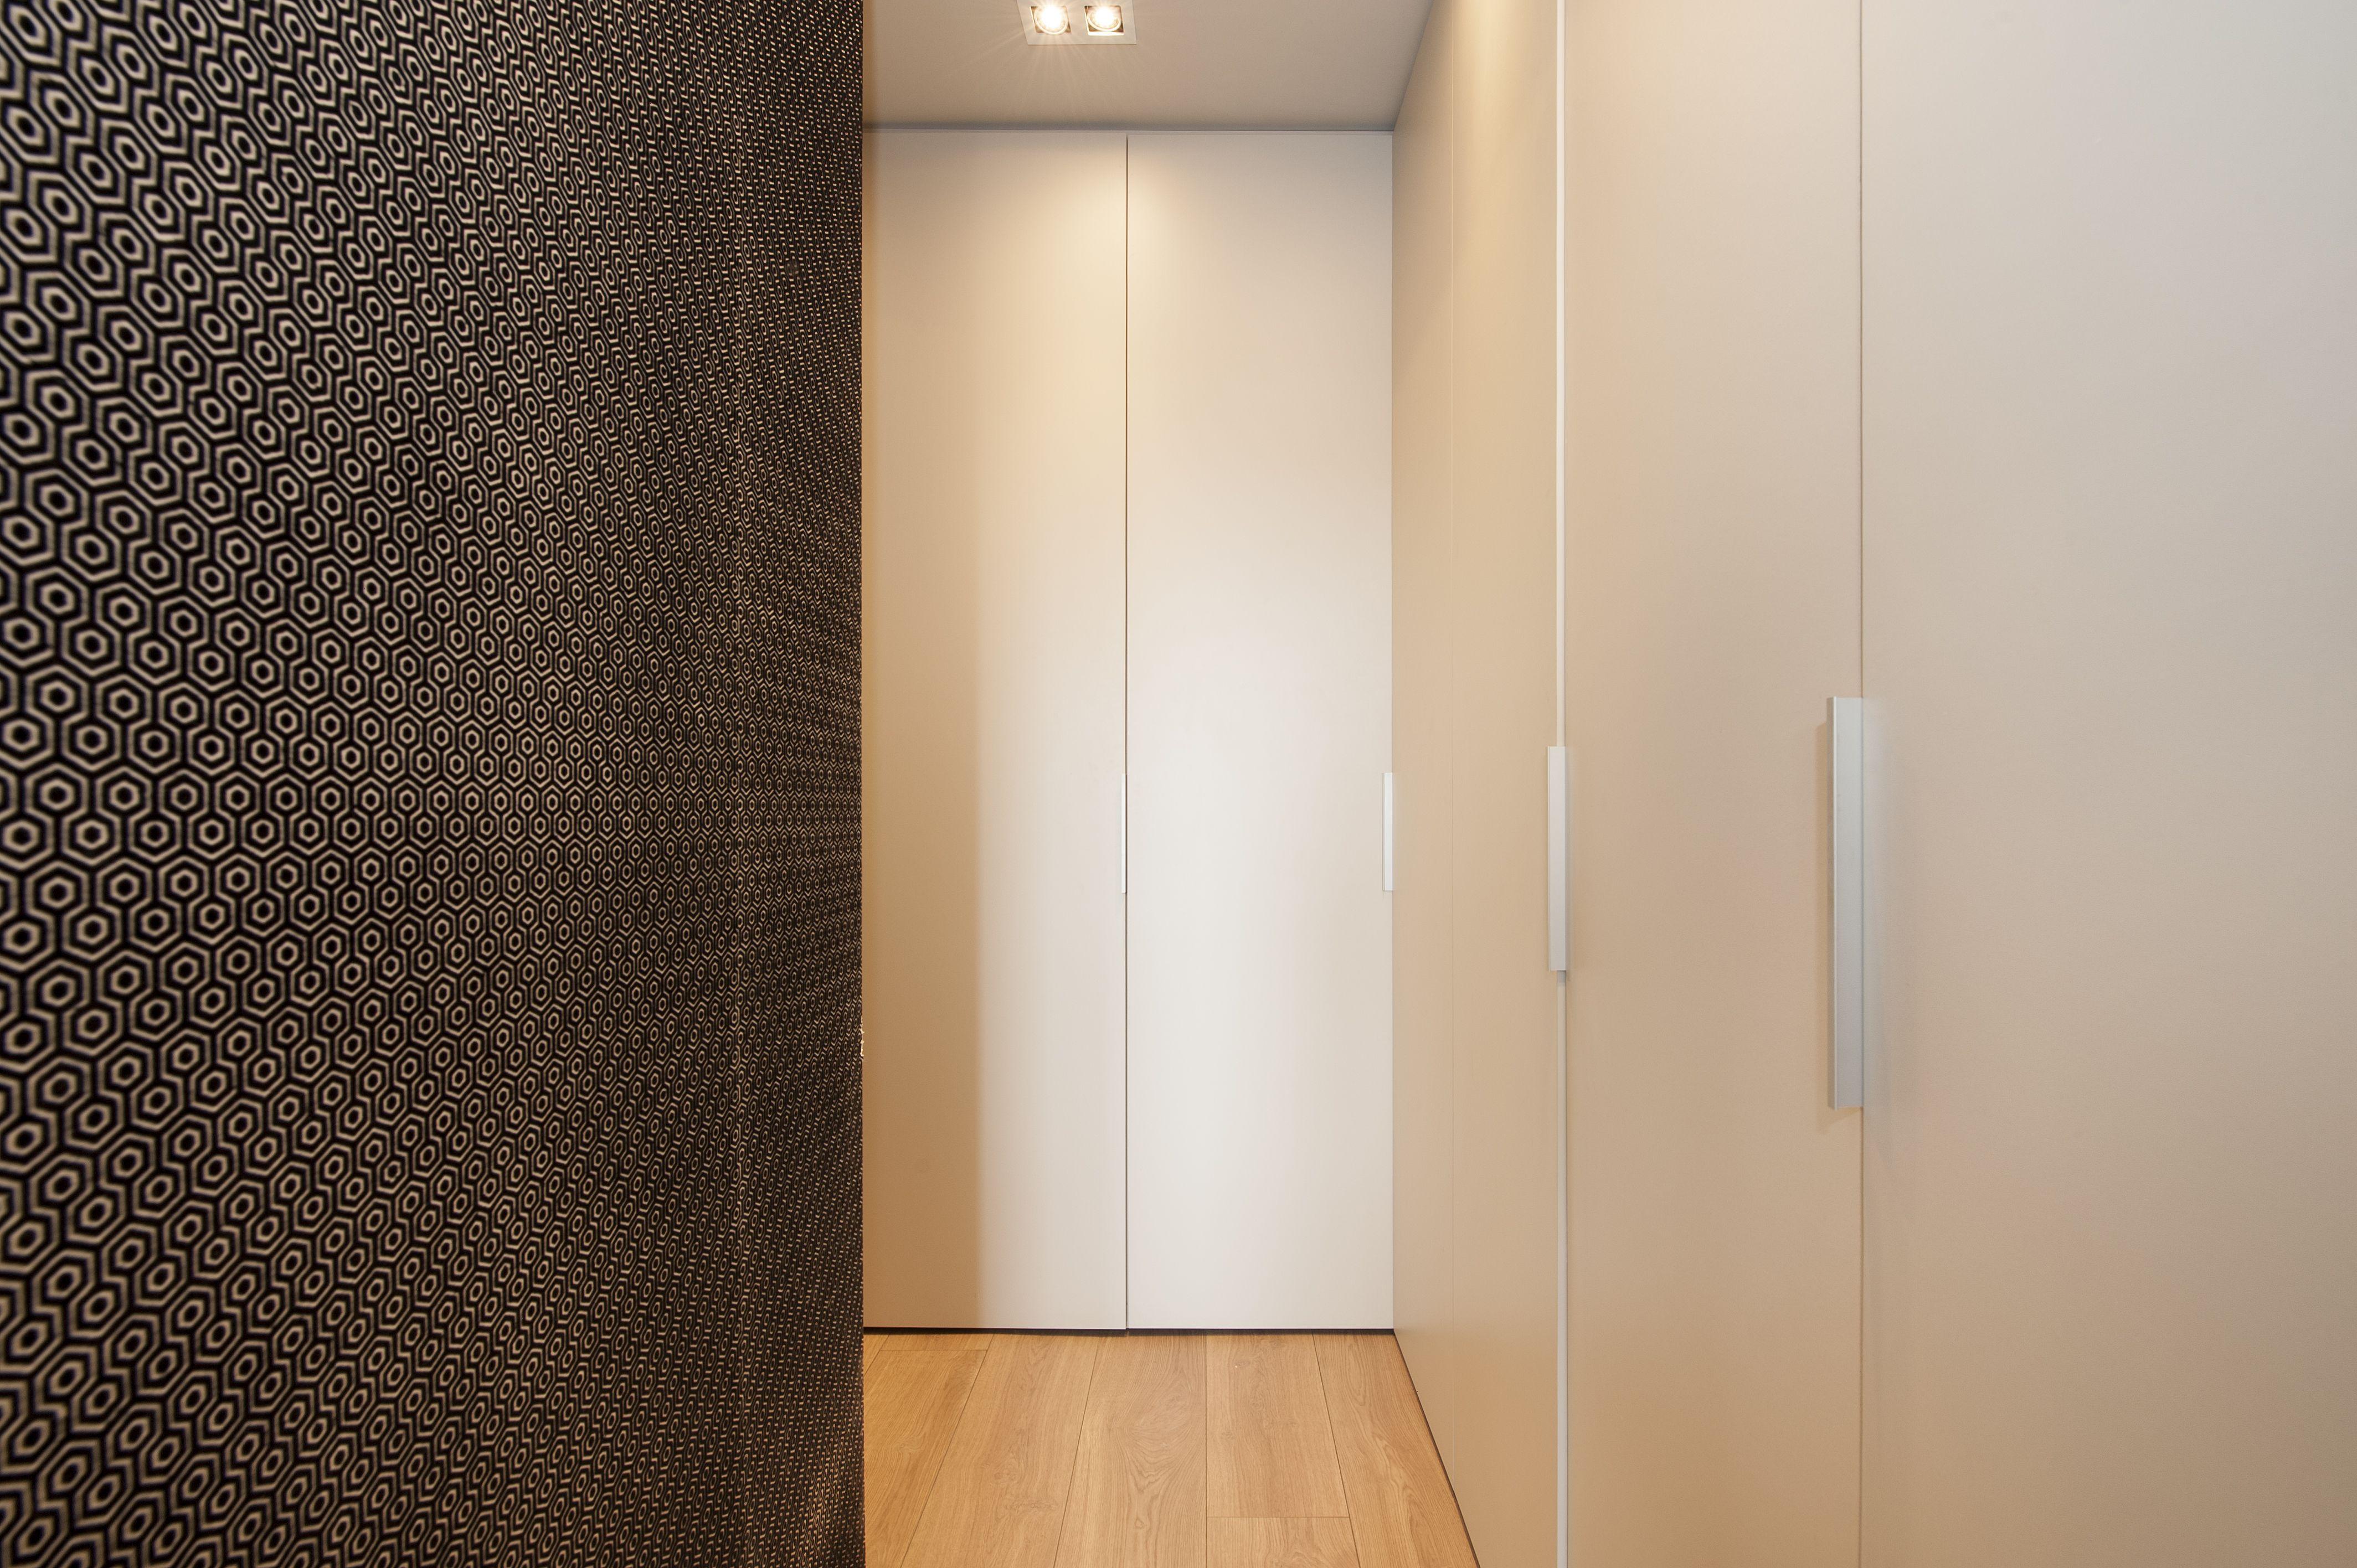 Pasillo con armarios para el almacenamiento reforma el - Armarios para pasillos ...